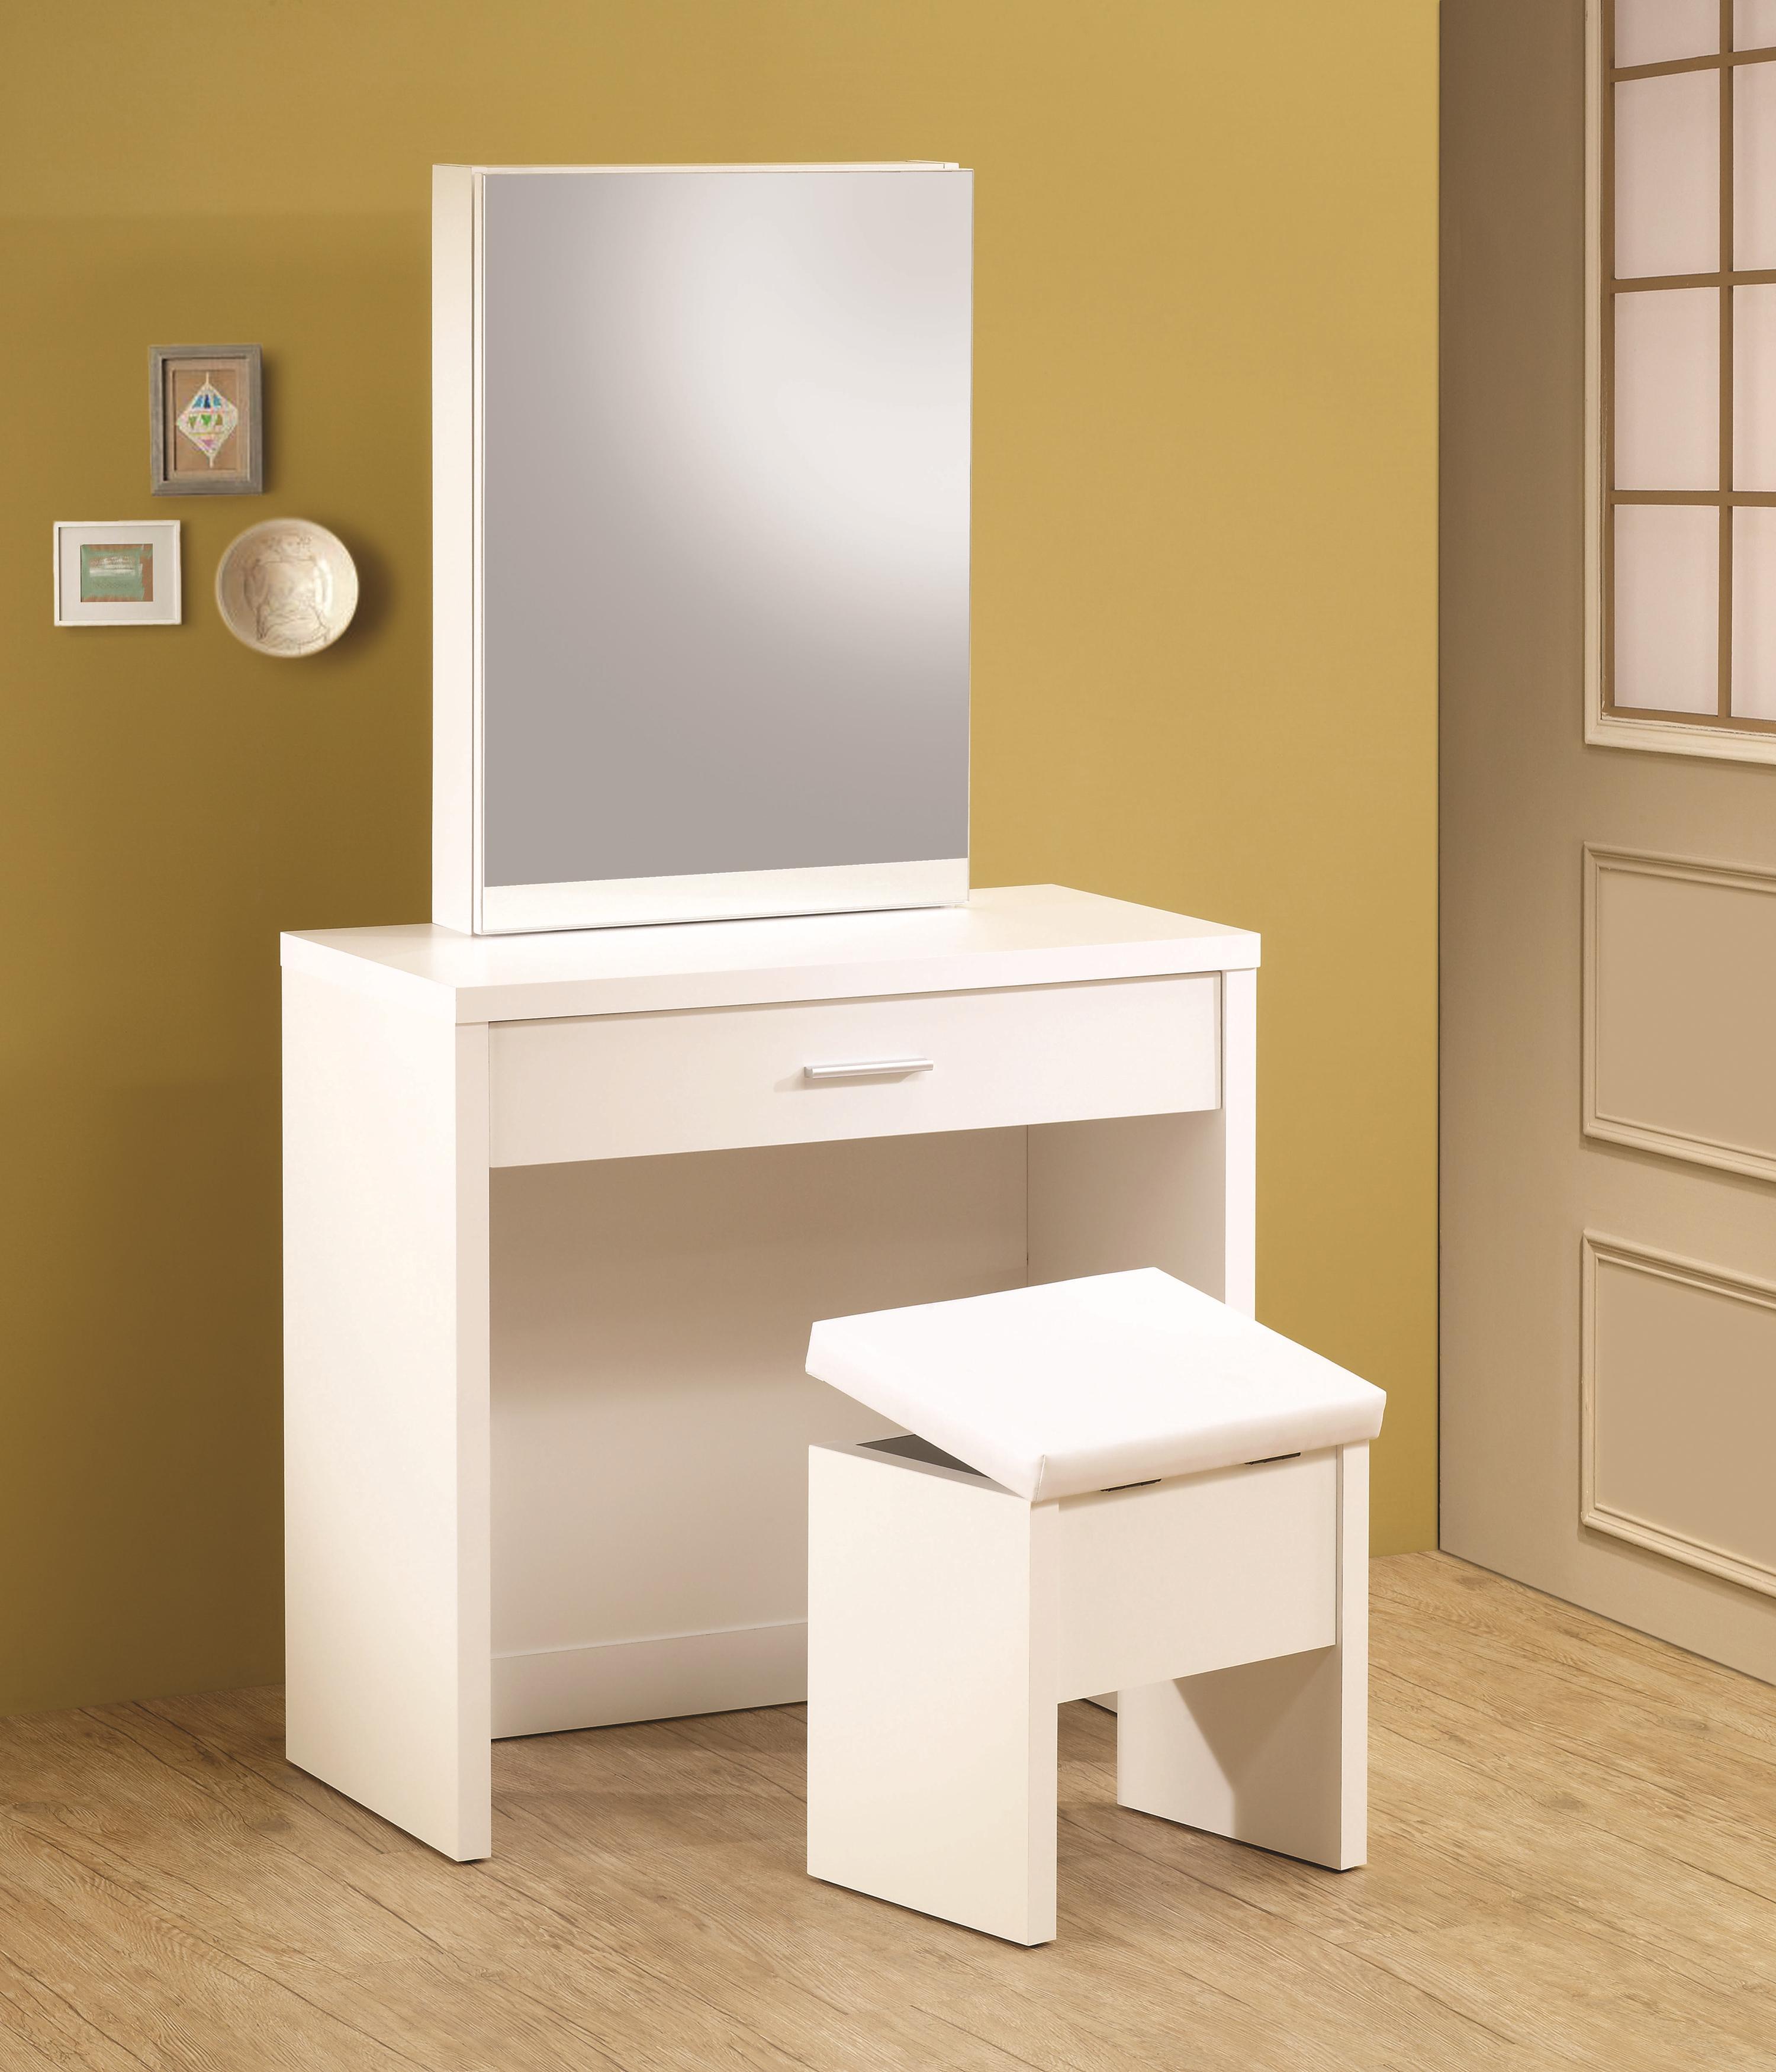 Image Result For Darby Bedroom Furniture